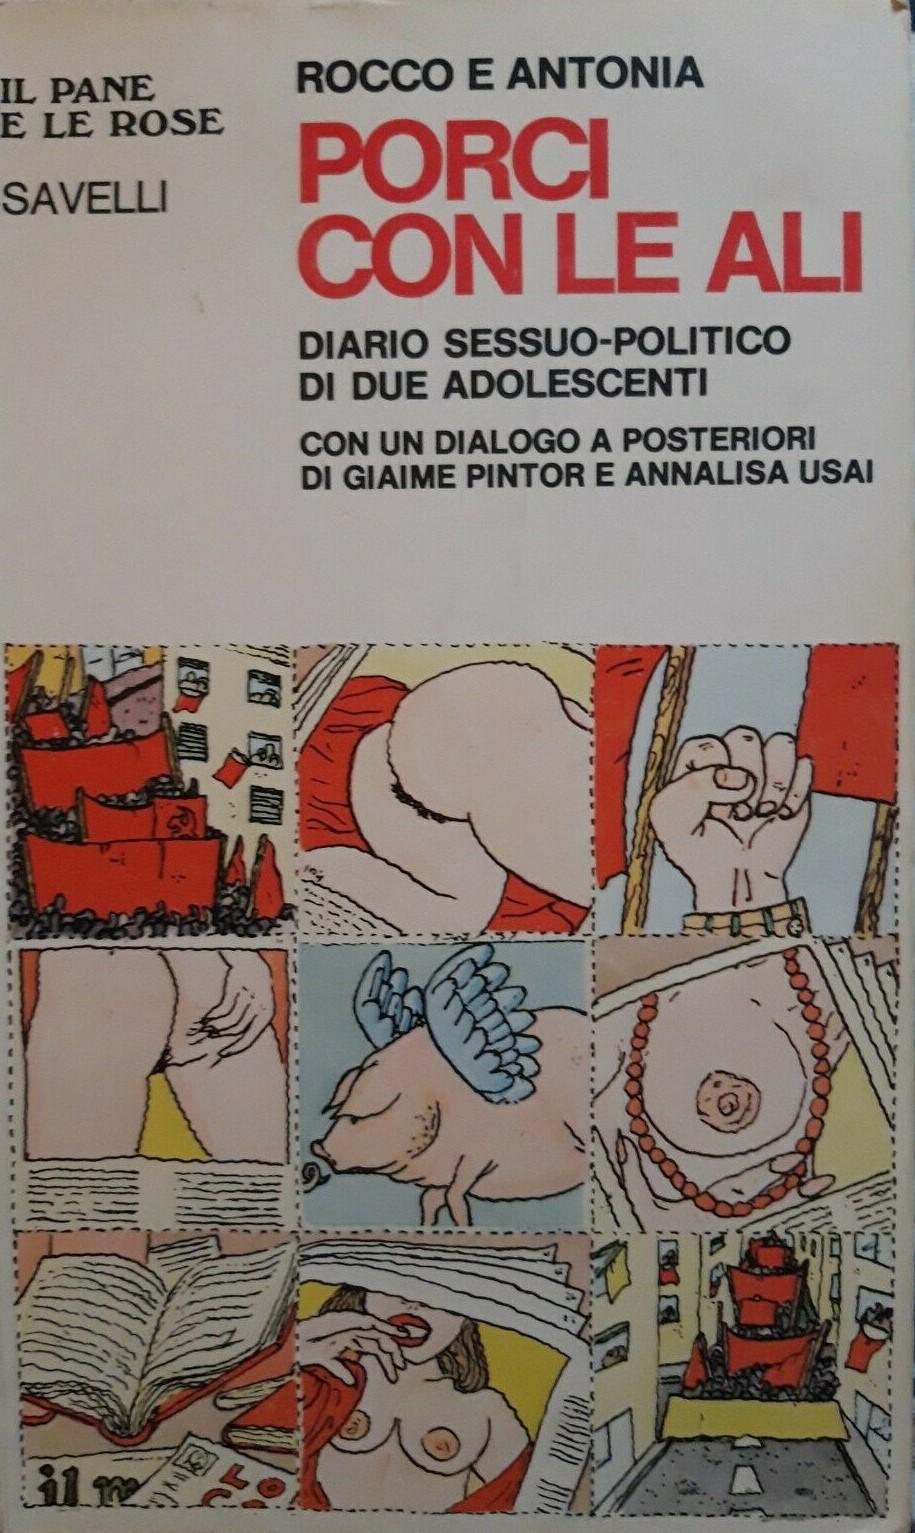 Scompare l'editore Giulio Savelli: andiamo a caccia delle sue edizioni